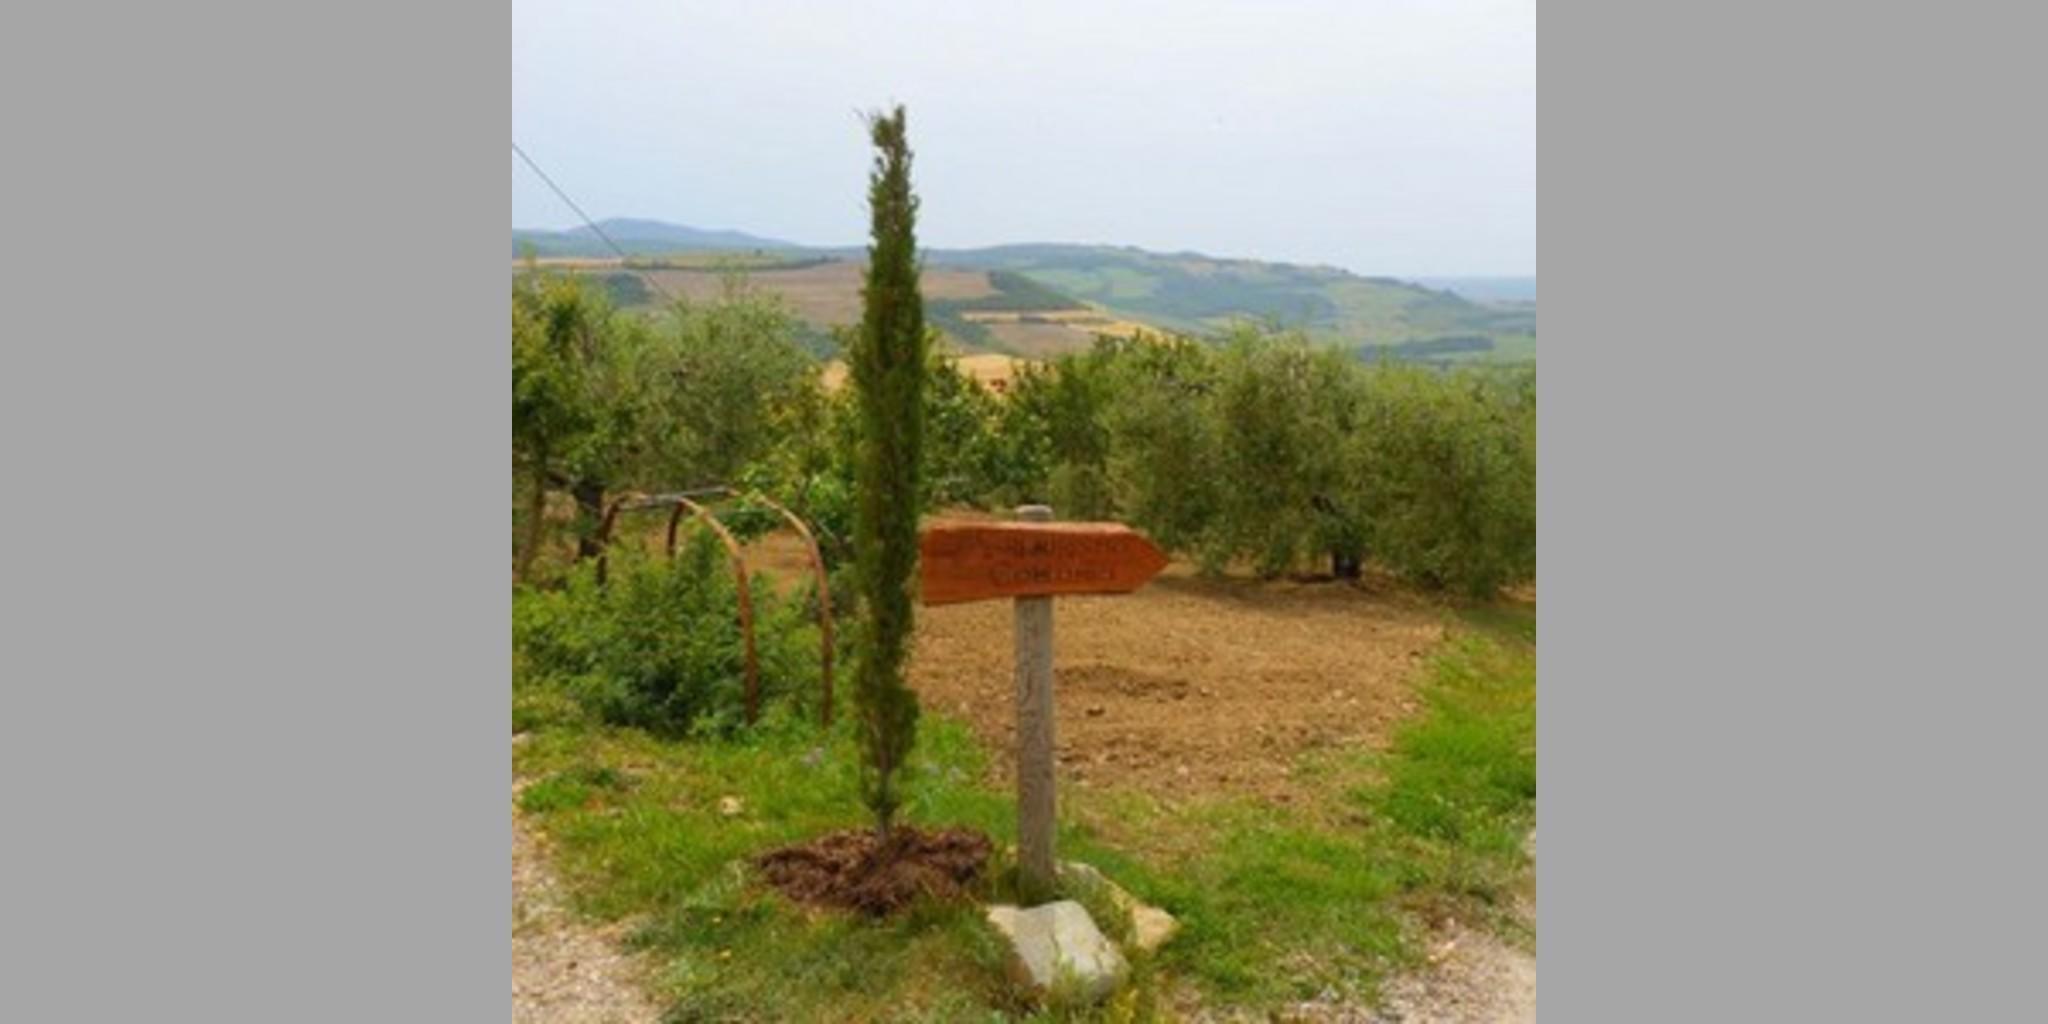 Farmhouse San Casciano Dei Bagni - Siena  San Casciano